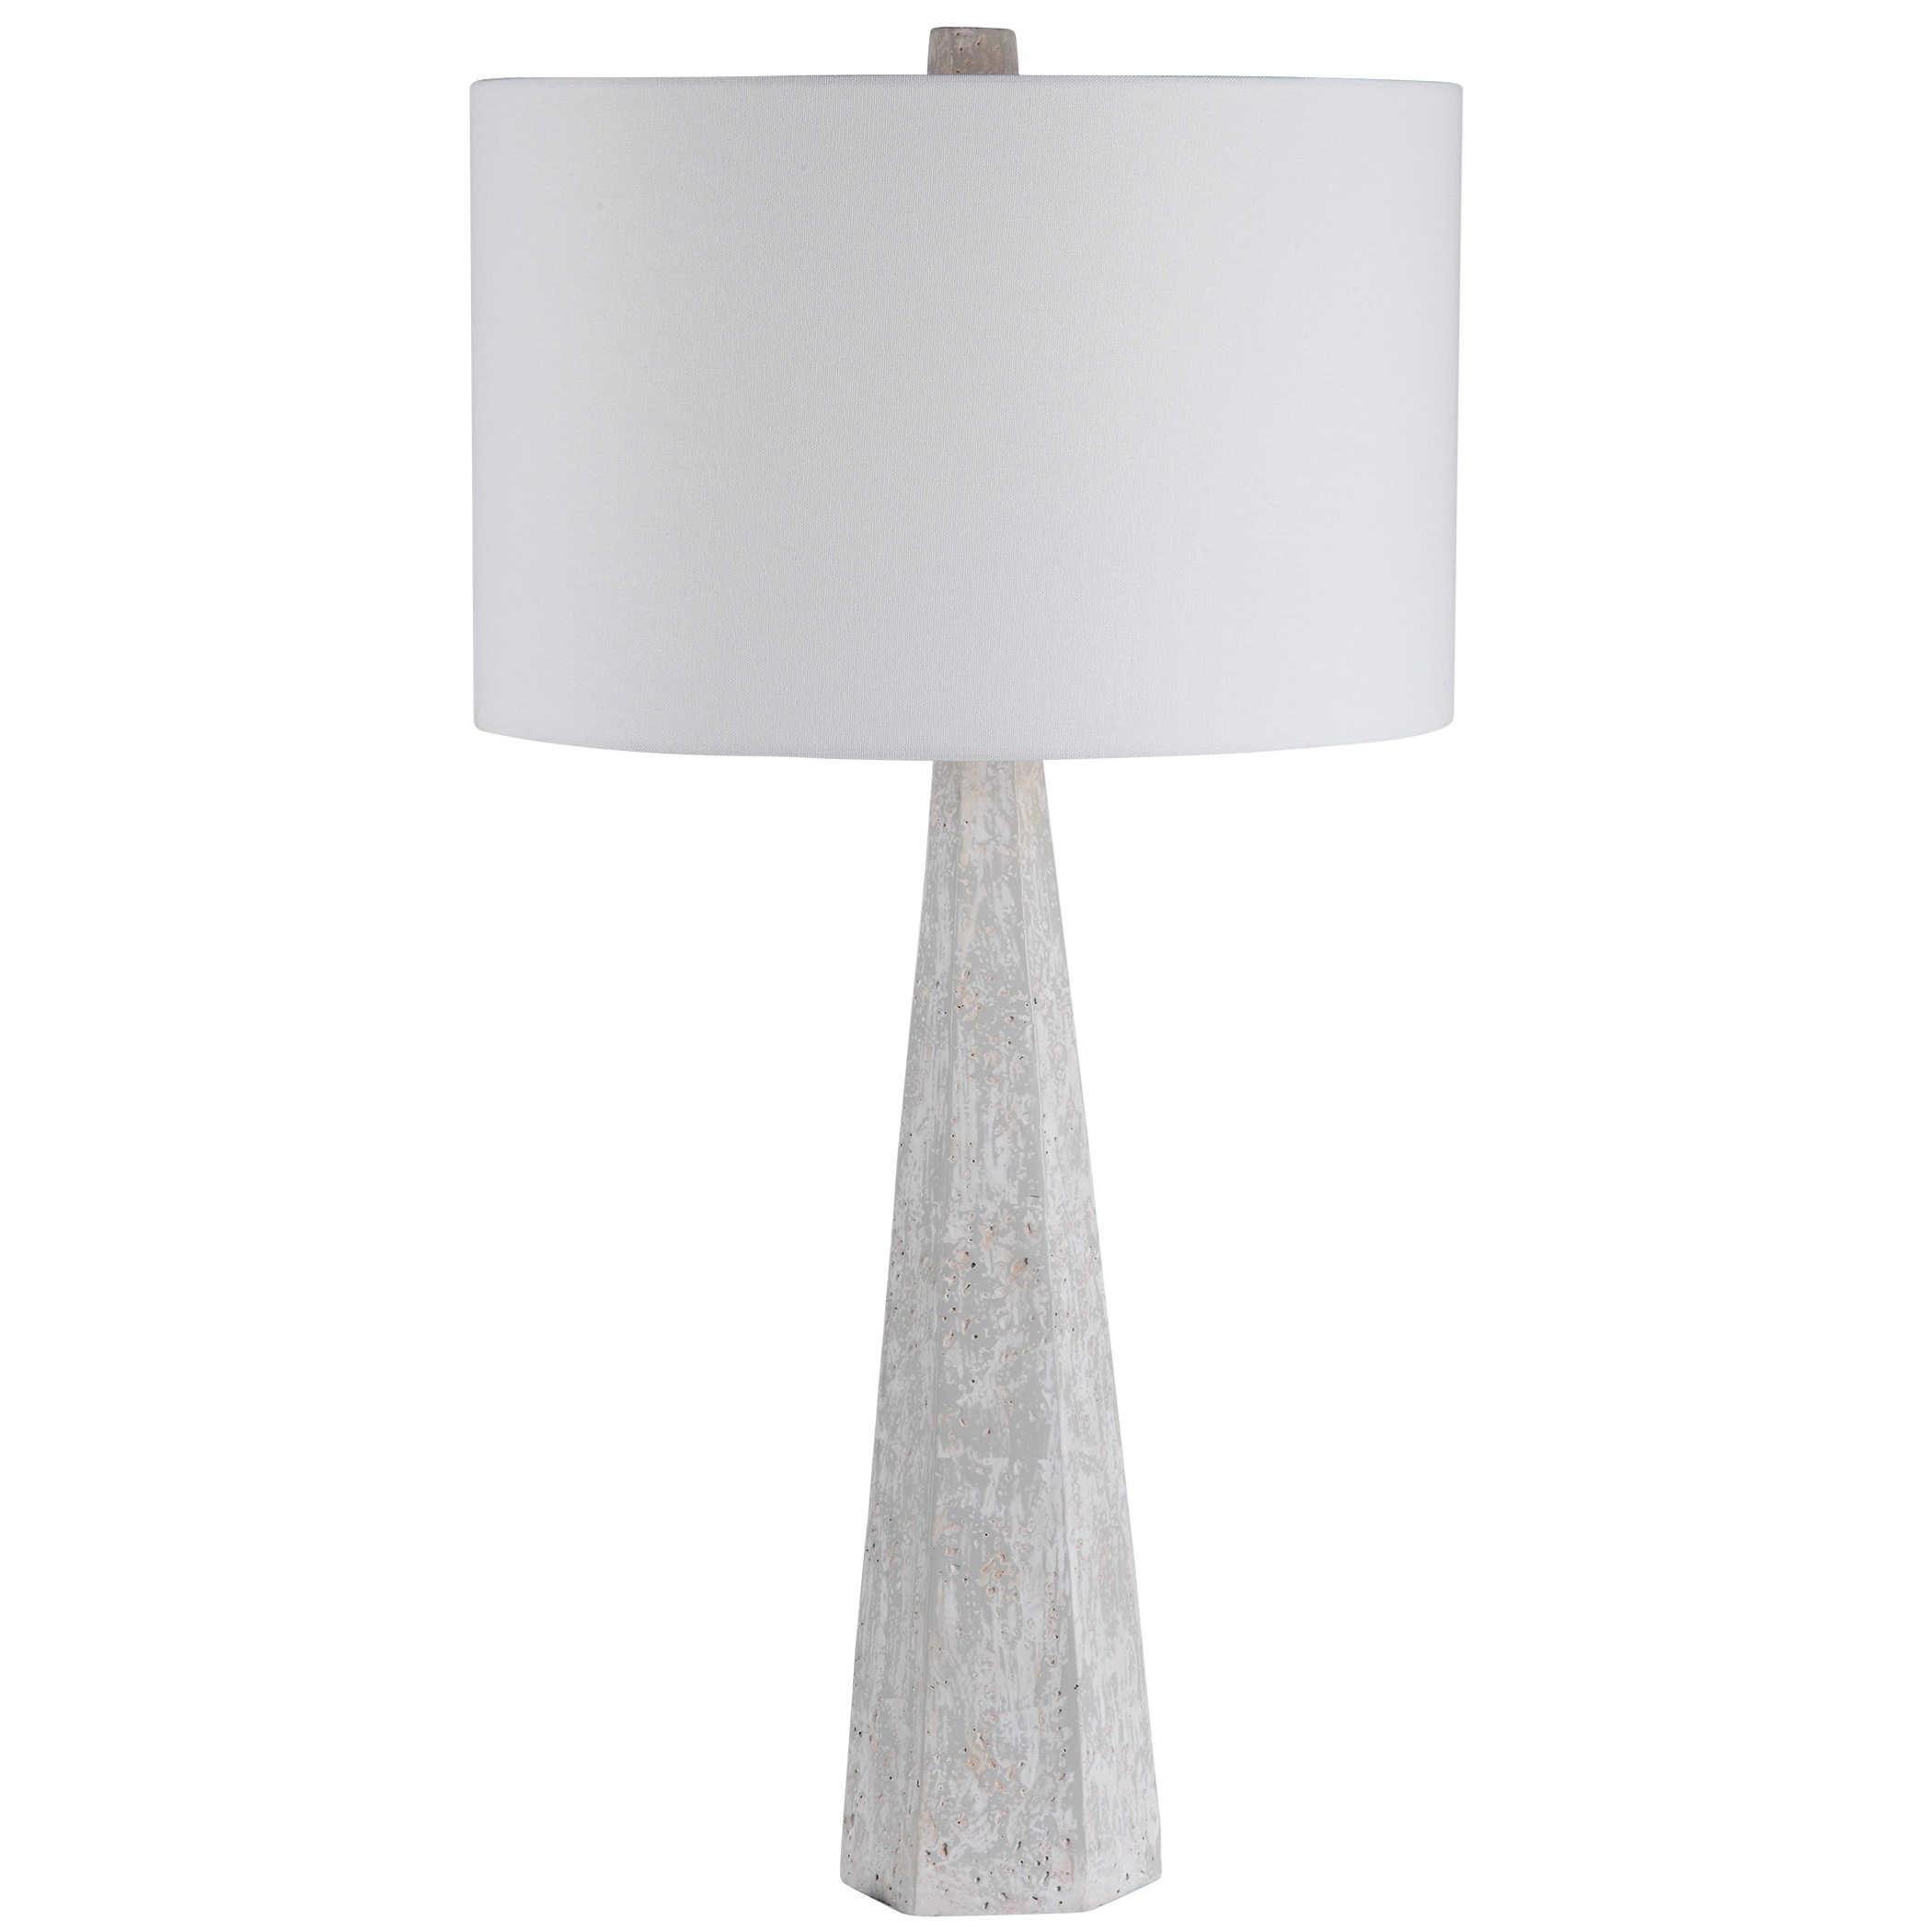 Apollo Concrete Table Lamp